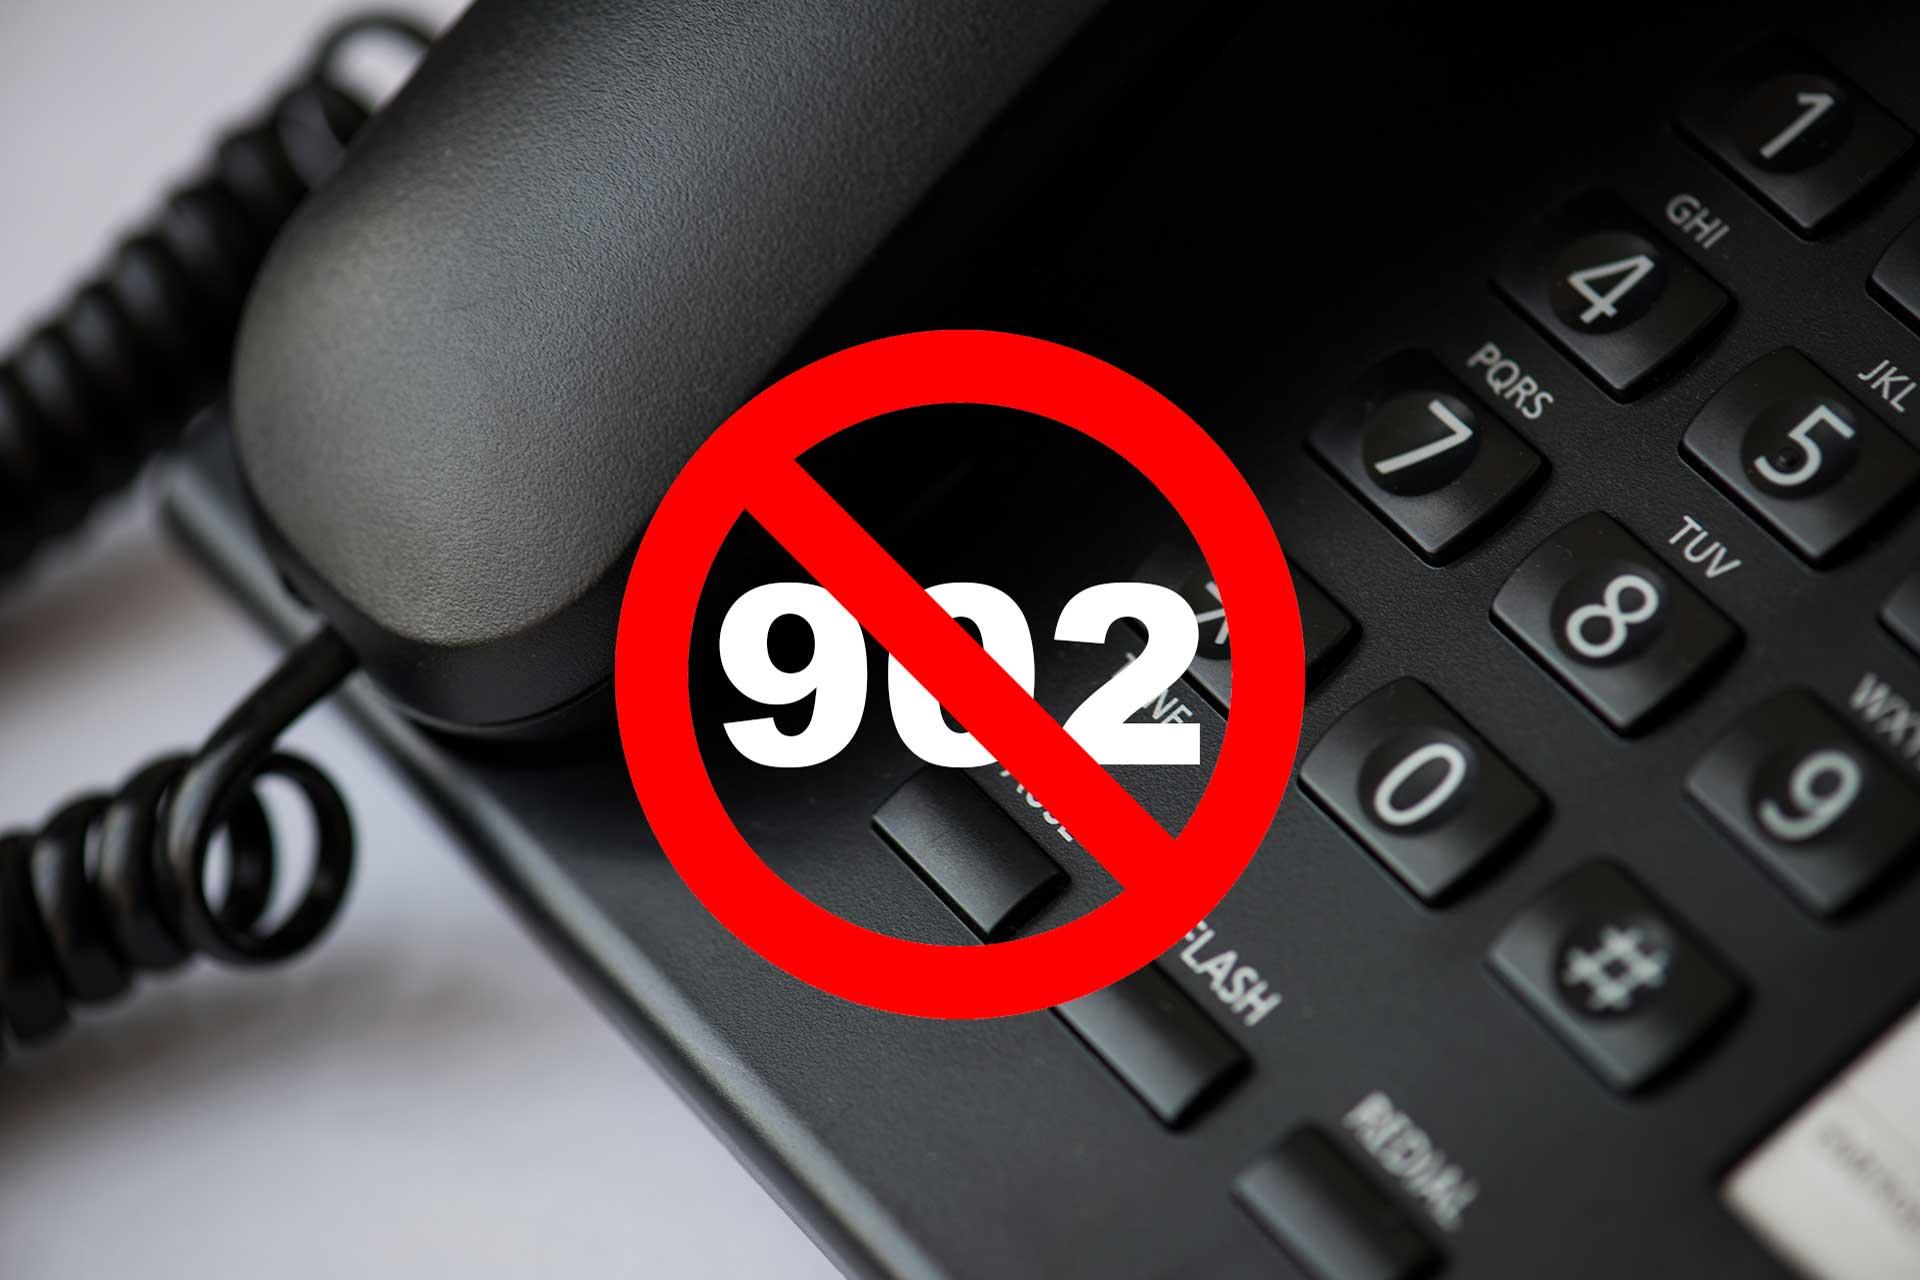 Precio llamadas 902